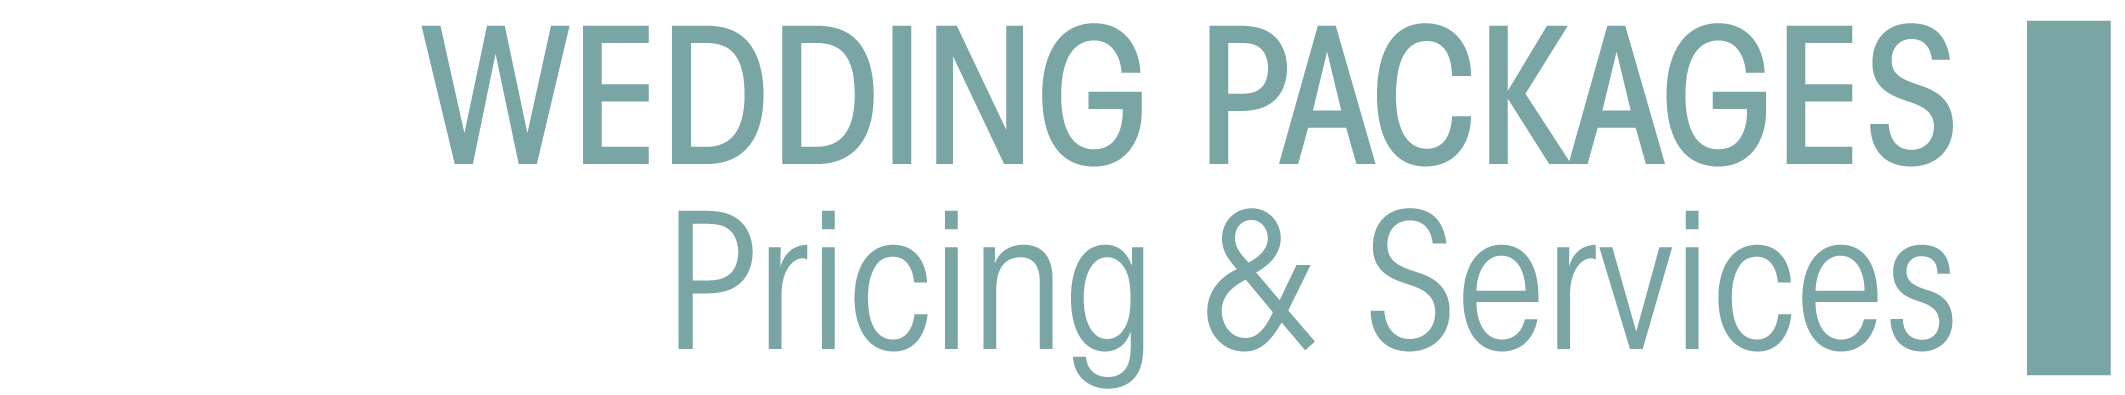 Wedding-Package-Header-2.png